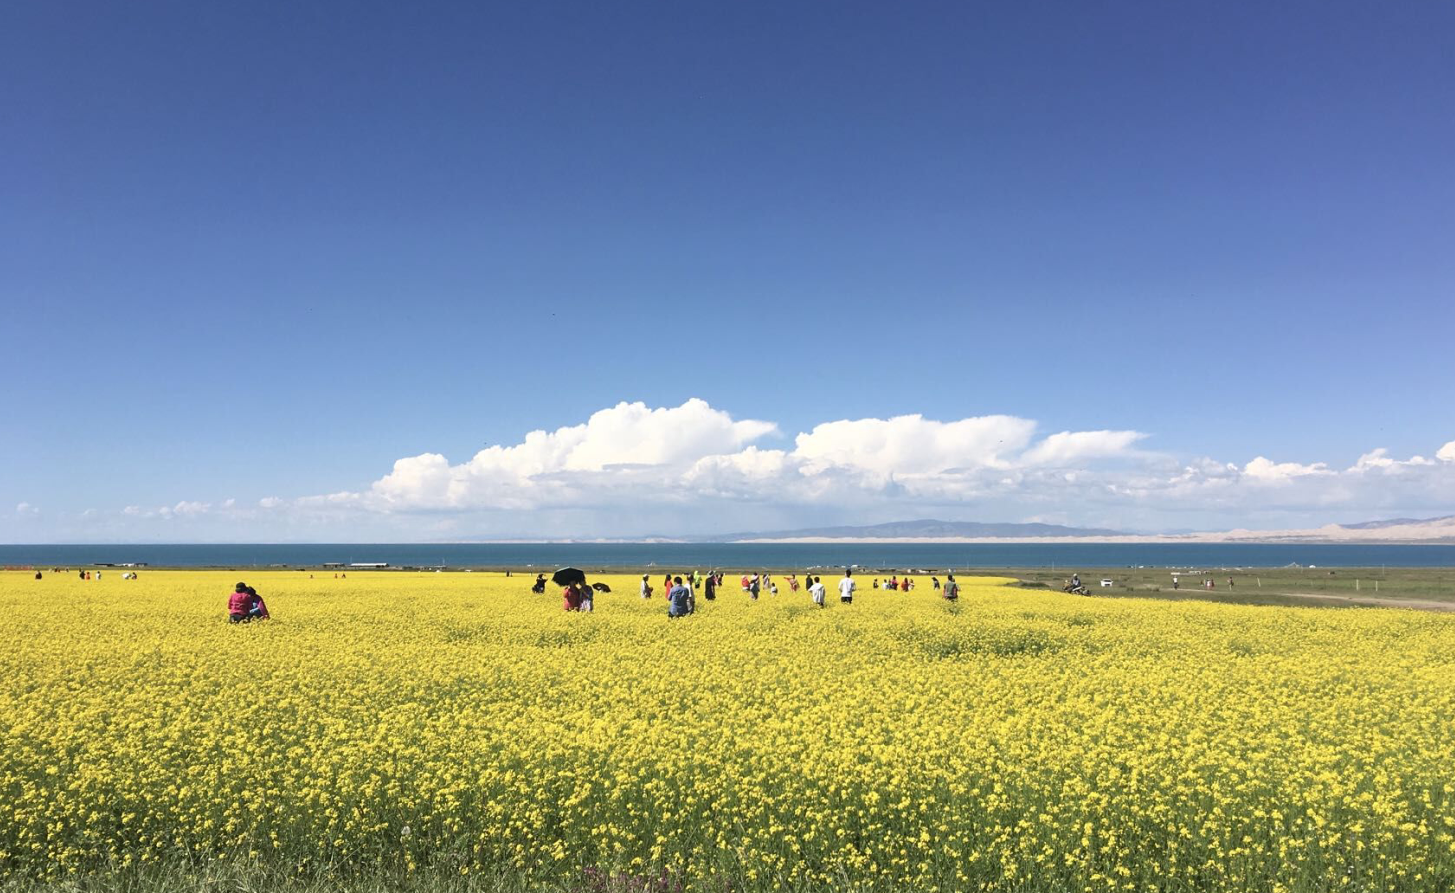 蓝宝石湖泊青海湖天空之境茶卡盐湖一日游